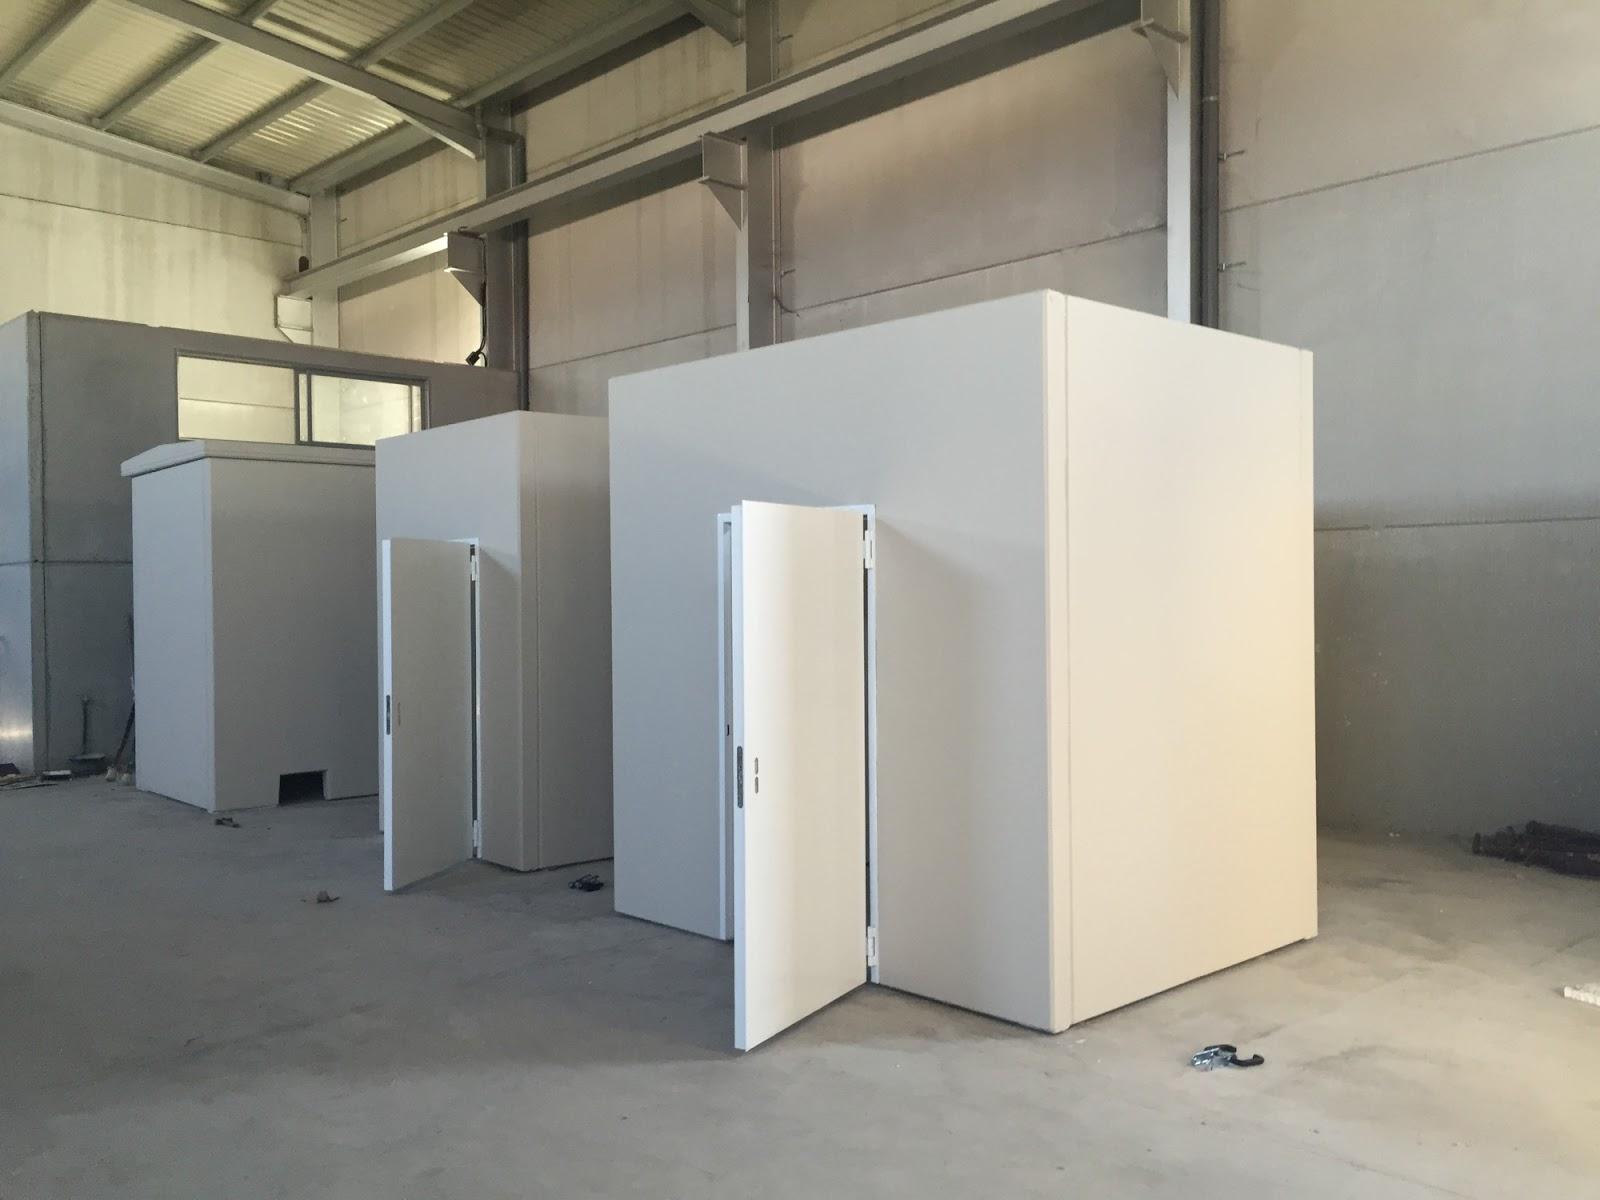 Casas y casetas prefabricadas de hormig n armado for Casetas para exterior baratas